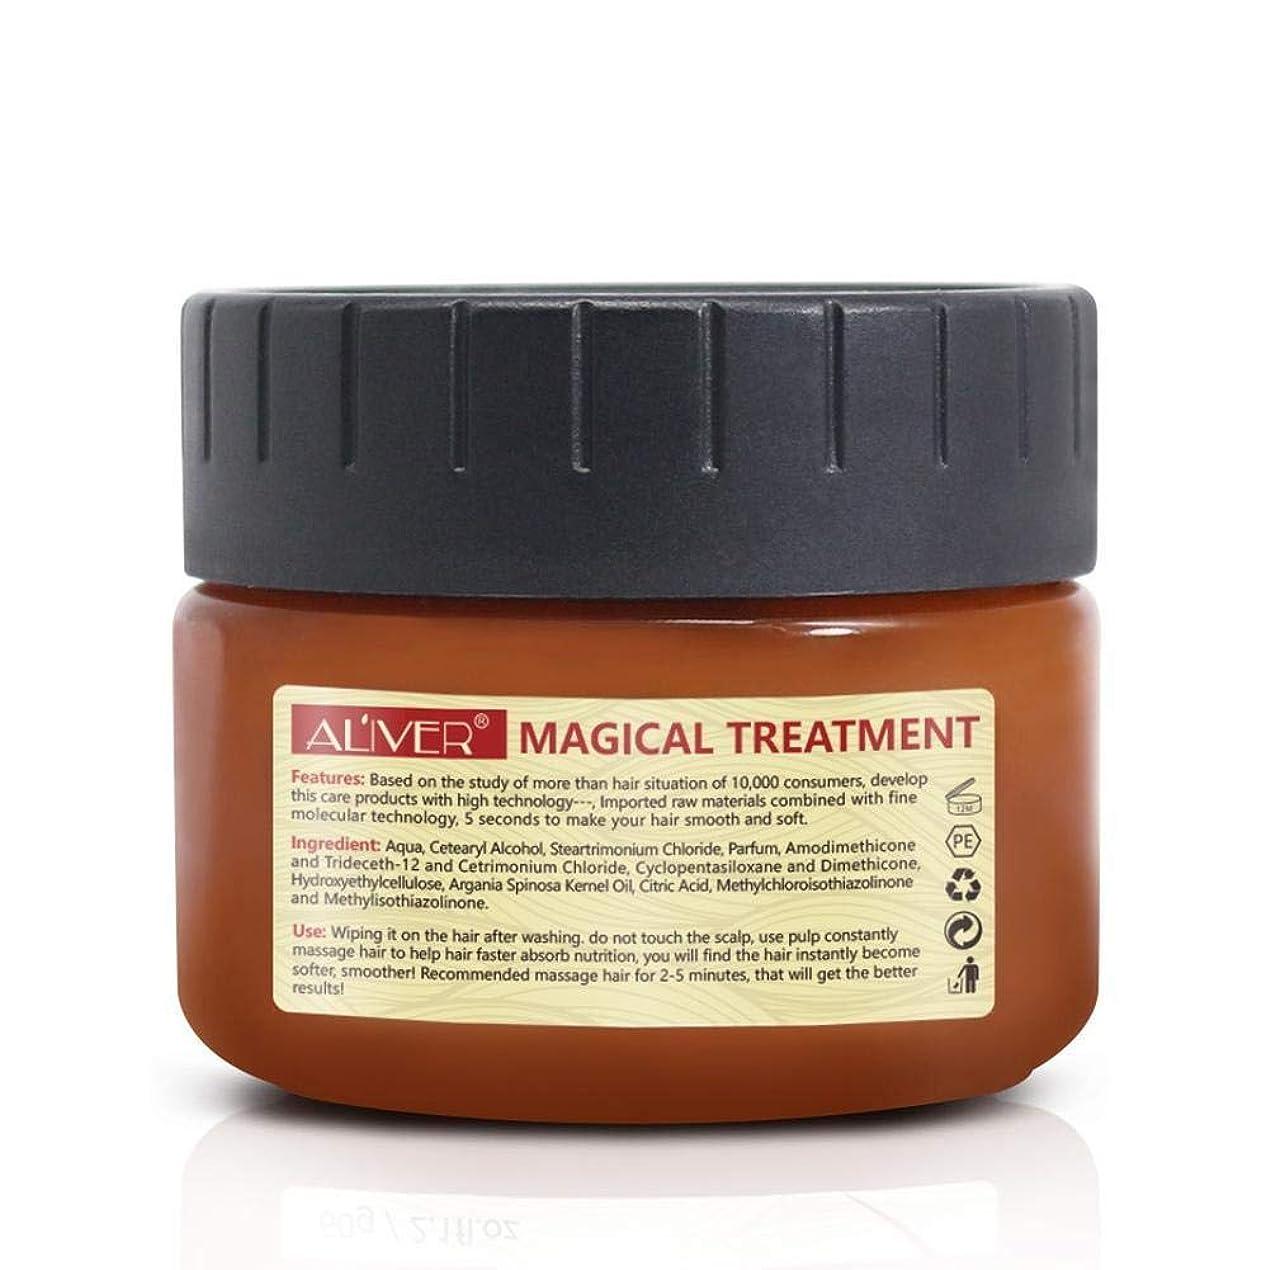 ジャム欠陥反射BETTER YOU (ベター ュー) ディープリペアマスク、髪に栄養を与え、乾燥を防ぎ、傷んだ髪を修復し、オイルをコントロールし、ふけを取り除きます